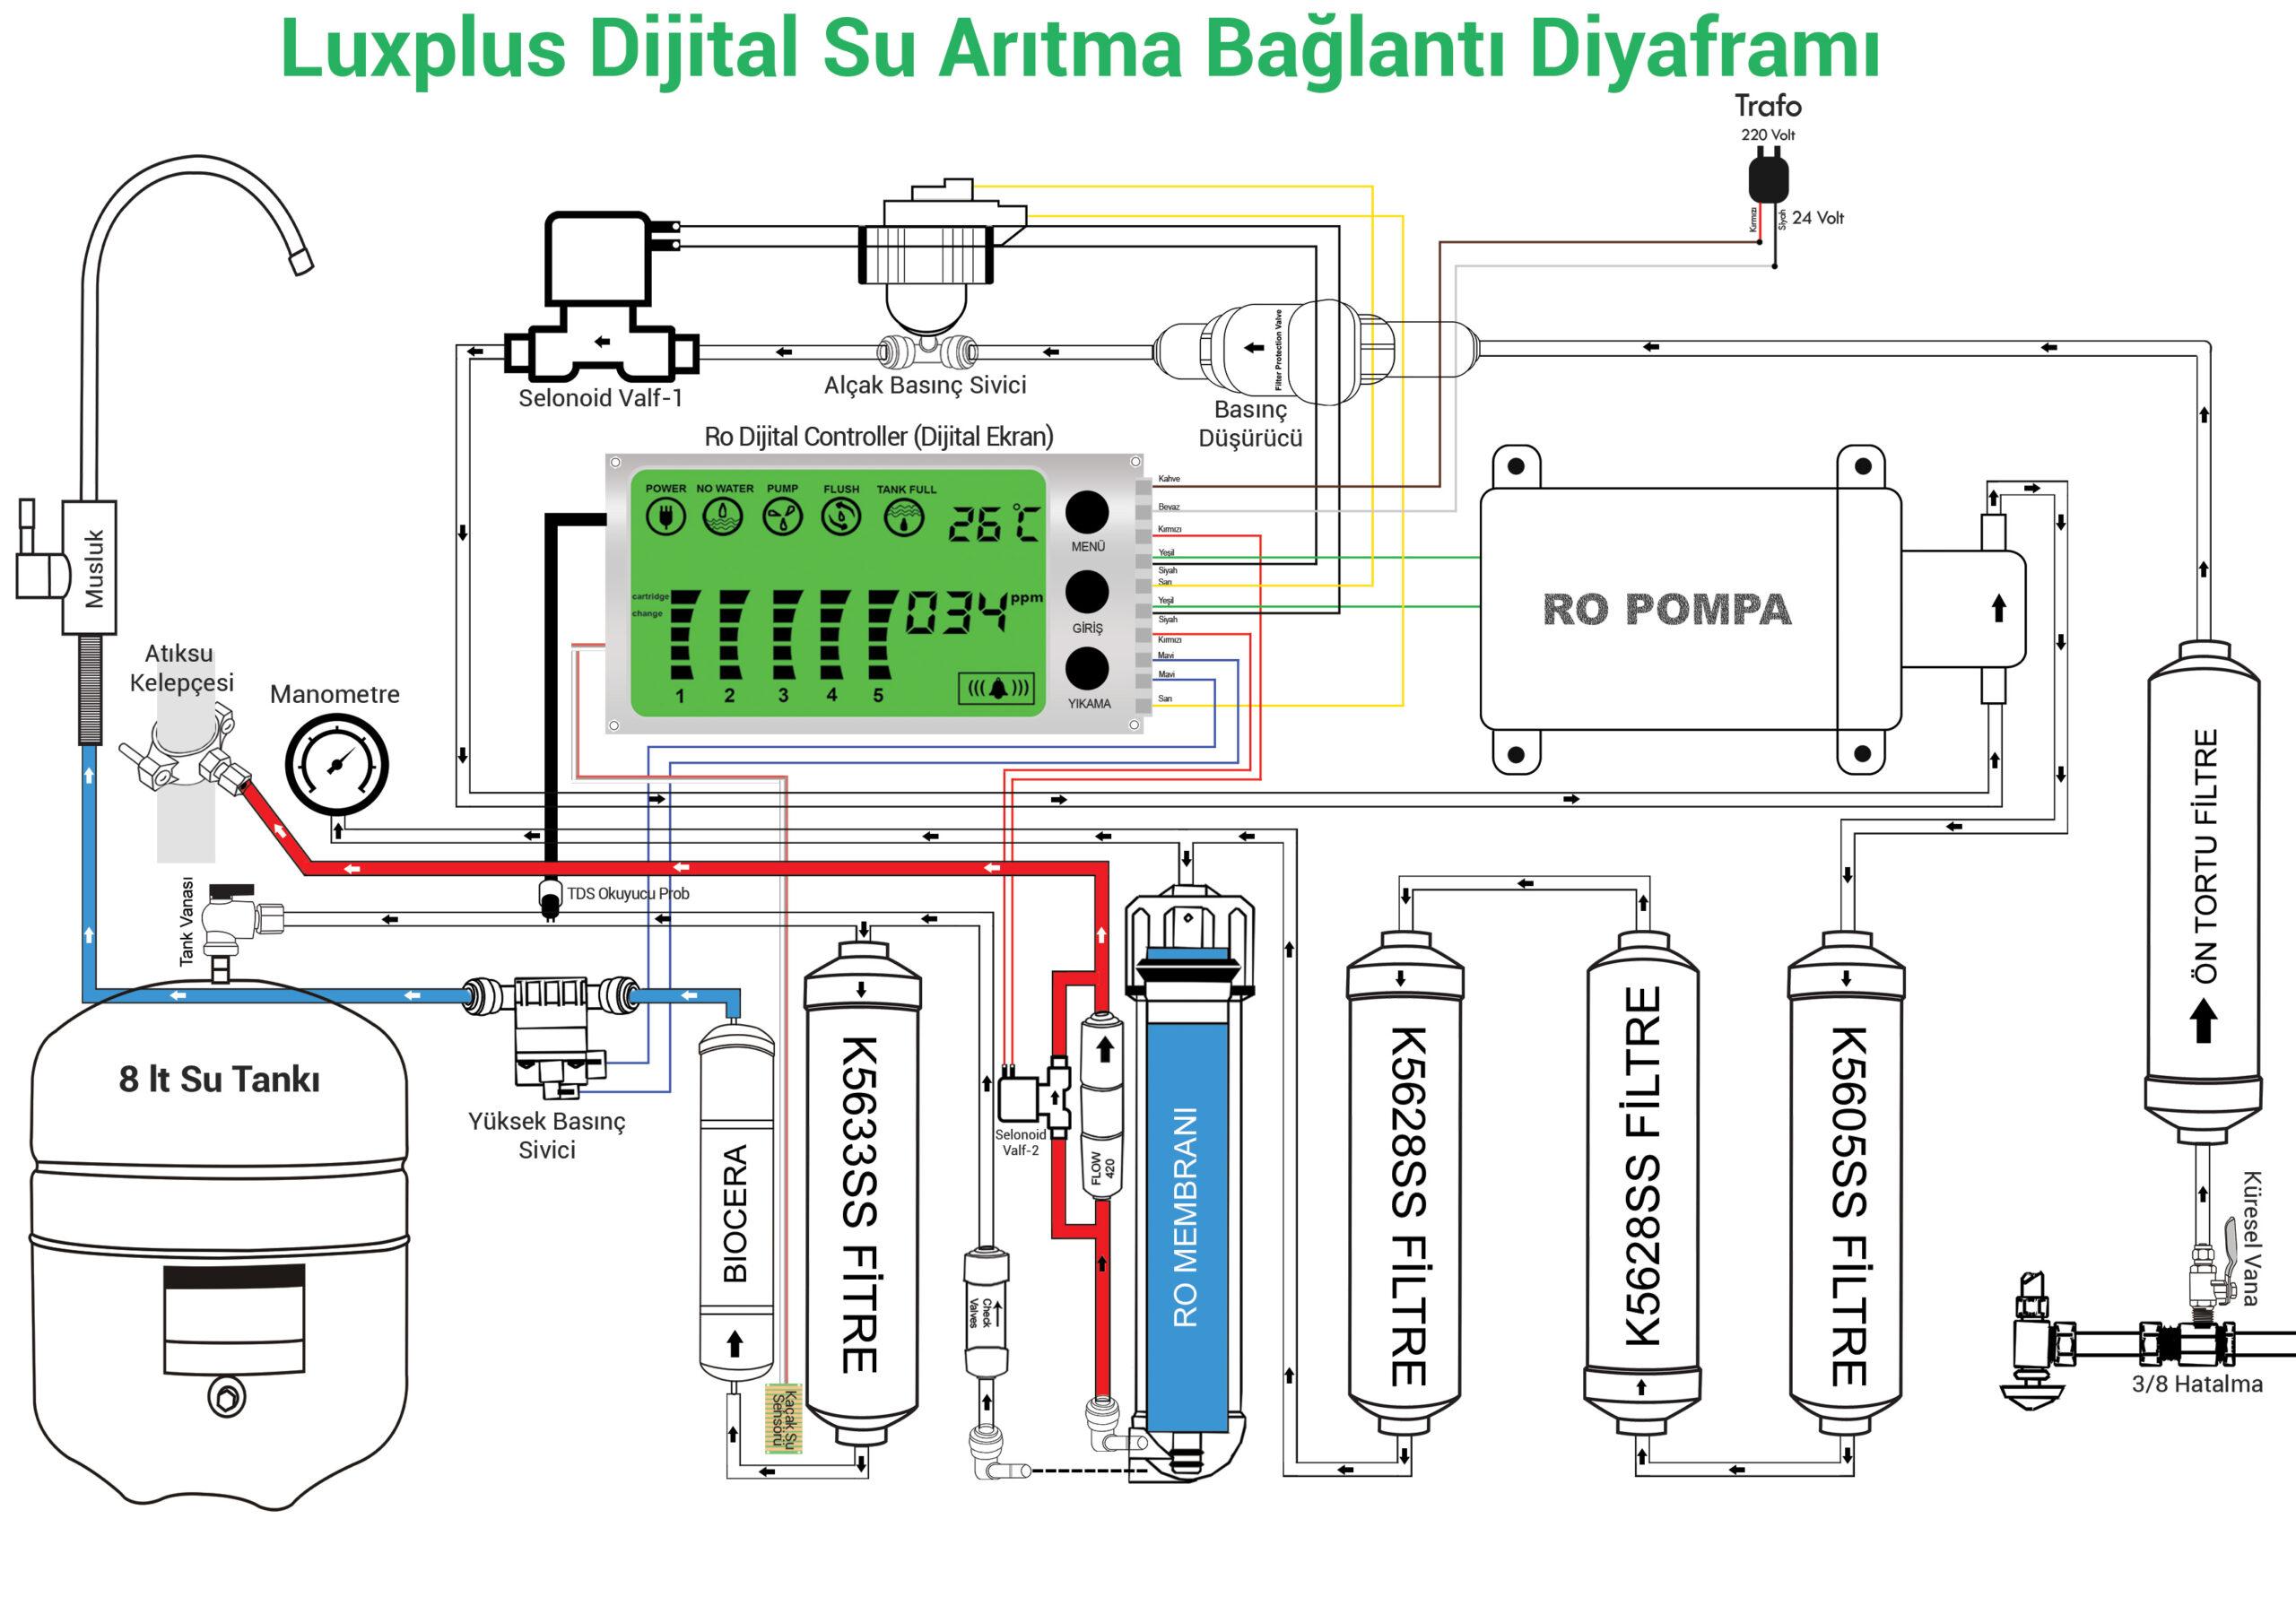 Royal Green Luxplus Dijital NSF Onaylı Su Arıtma Cihazı Bağlantı Diyaframı